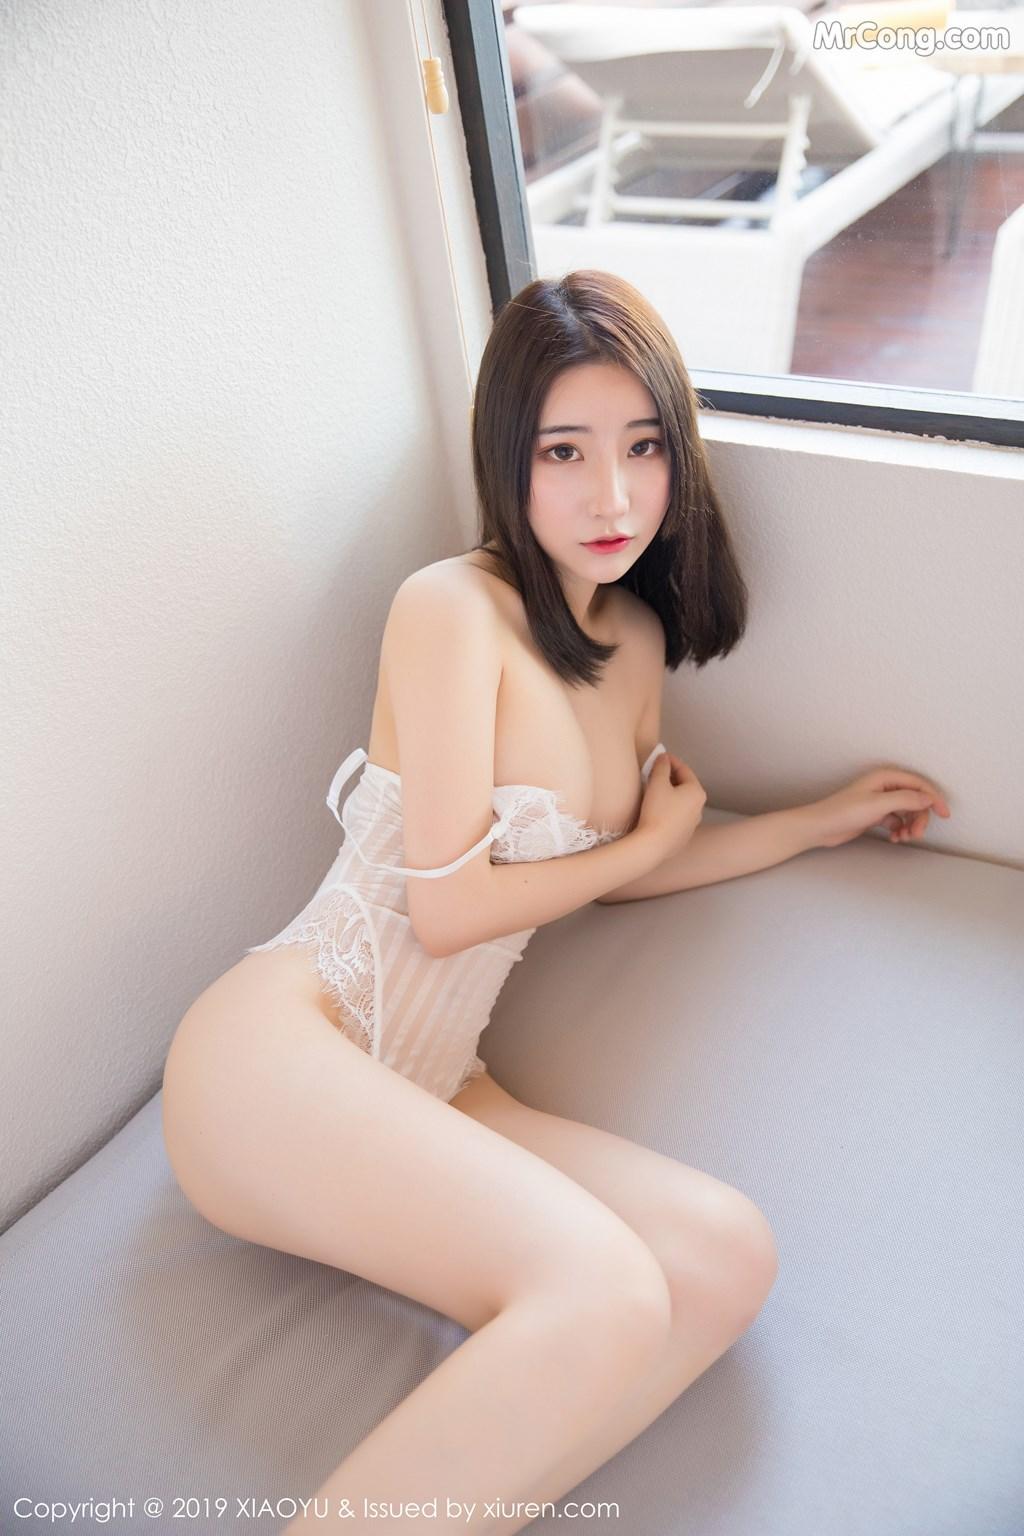 Image XiaoYu-Vol.147-Cherry-MrCong.com-017 in post XiaoYu Vol.147: 绯月樱-Cherry (66 ảnh)